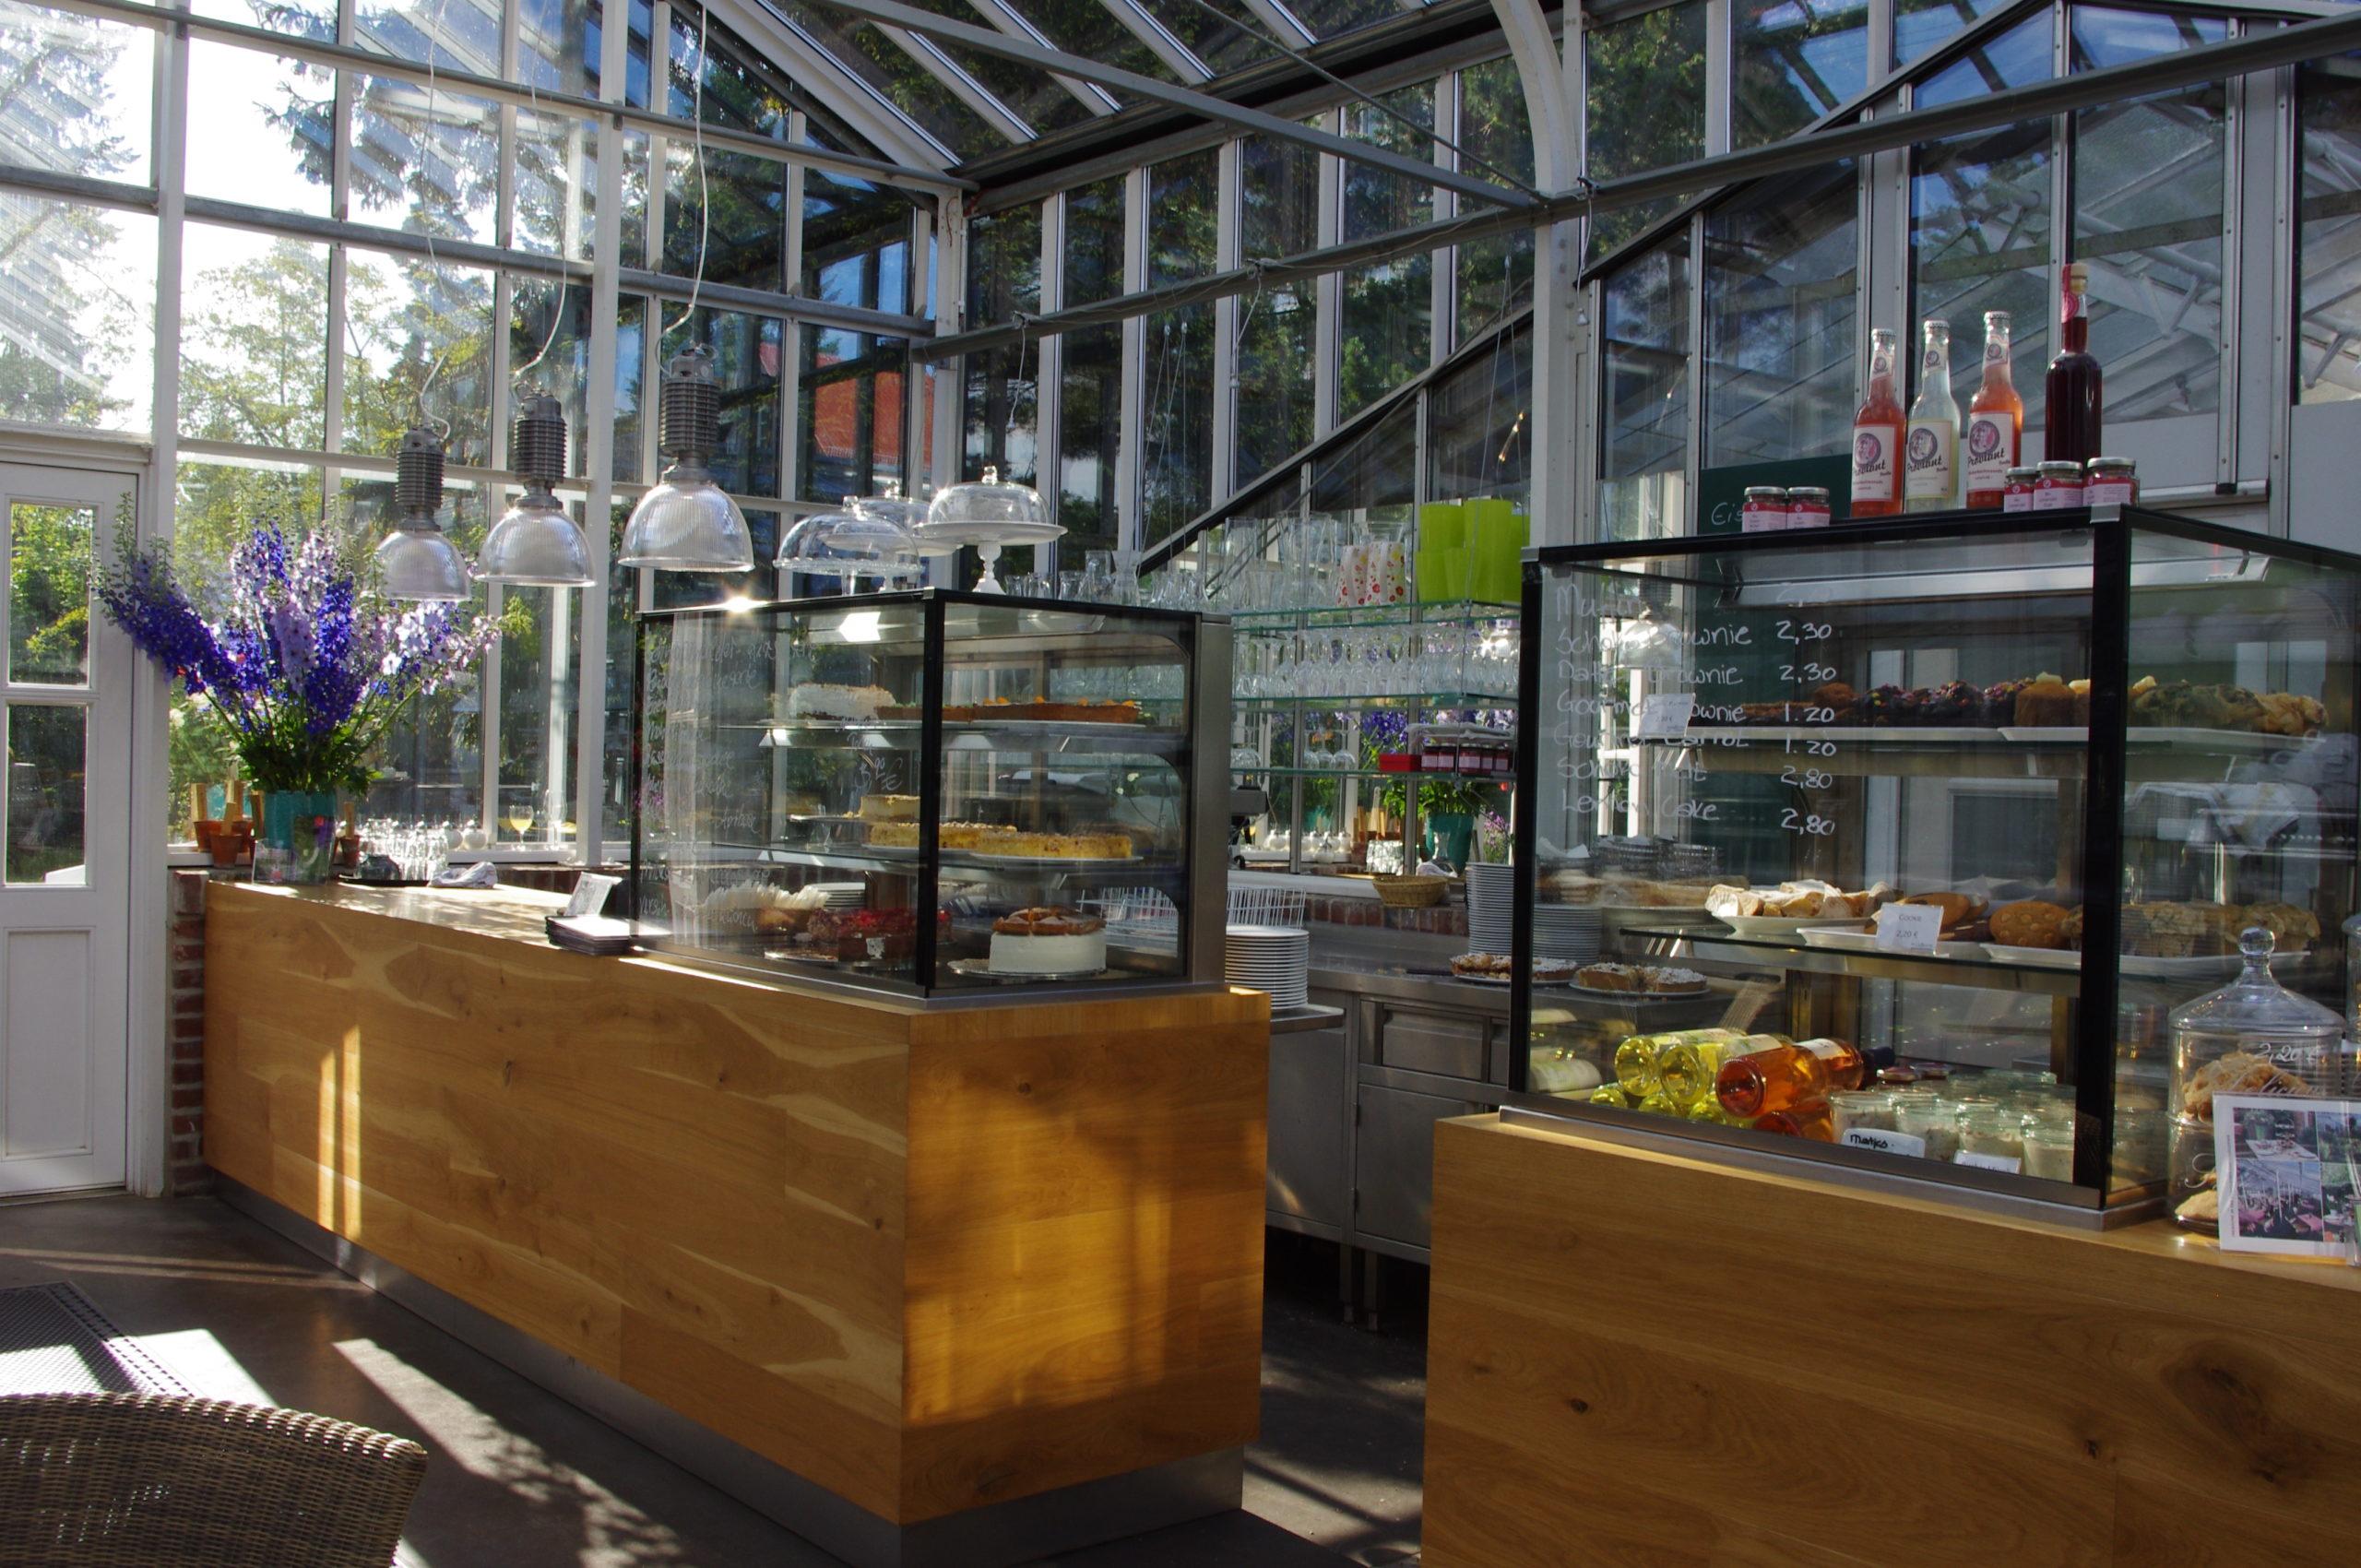 Gartenrestaurant in Berlin Kuchen und Warmes essen zwischen blühenden Stauden: Das Café in der Königlichen Gartenakademie ist eine ganz besondere Adresse in Berlin.